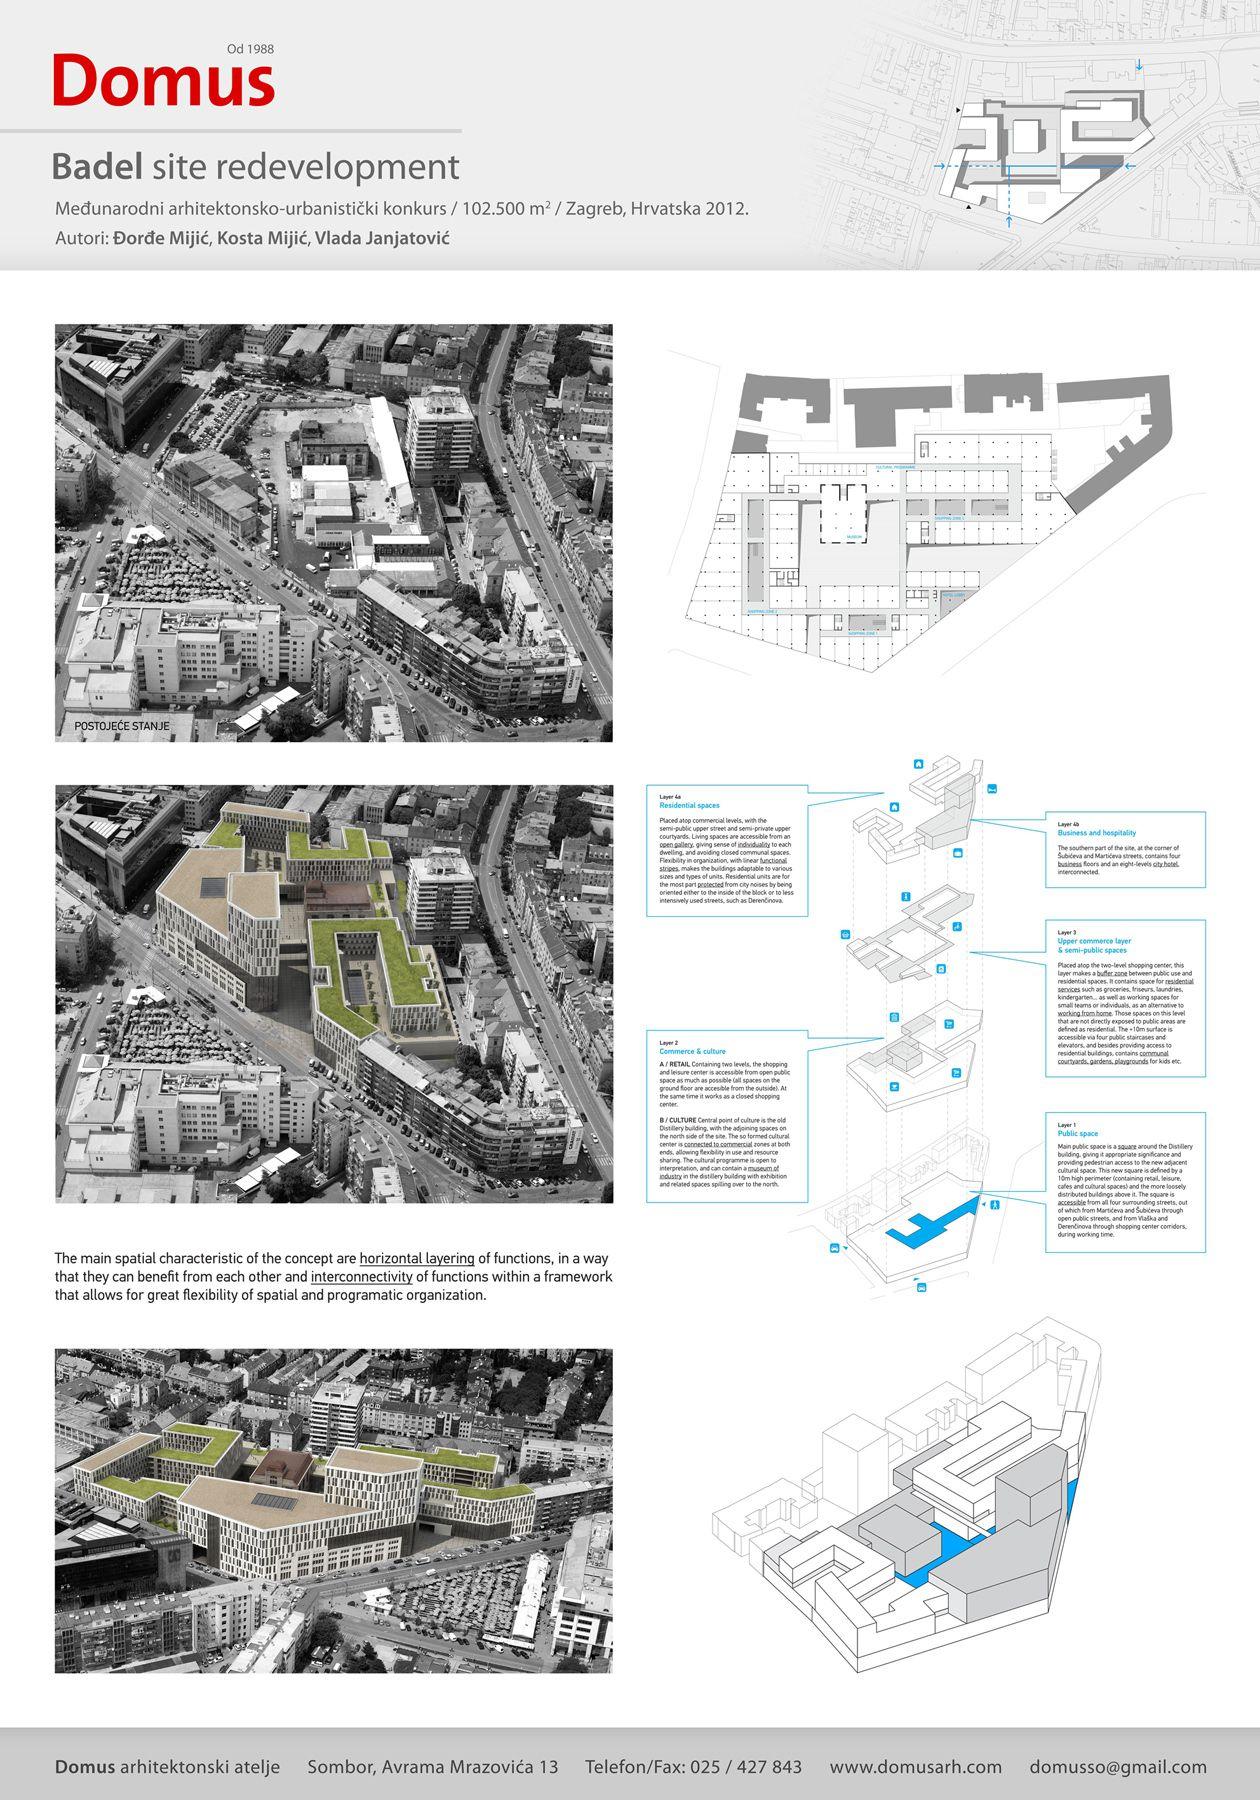 Domus Arhitektonski Atelje đorđe Mijic Kosta Mijic Vlada Janjatovic Badel Site Redevelopment Međunarodni Arhitektonsko Urban Projects Map Map Screenshot